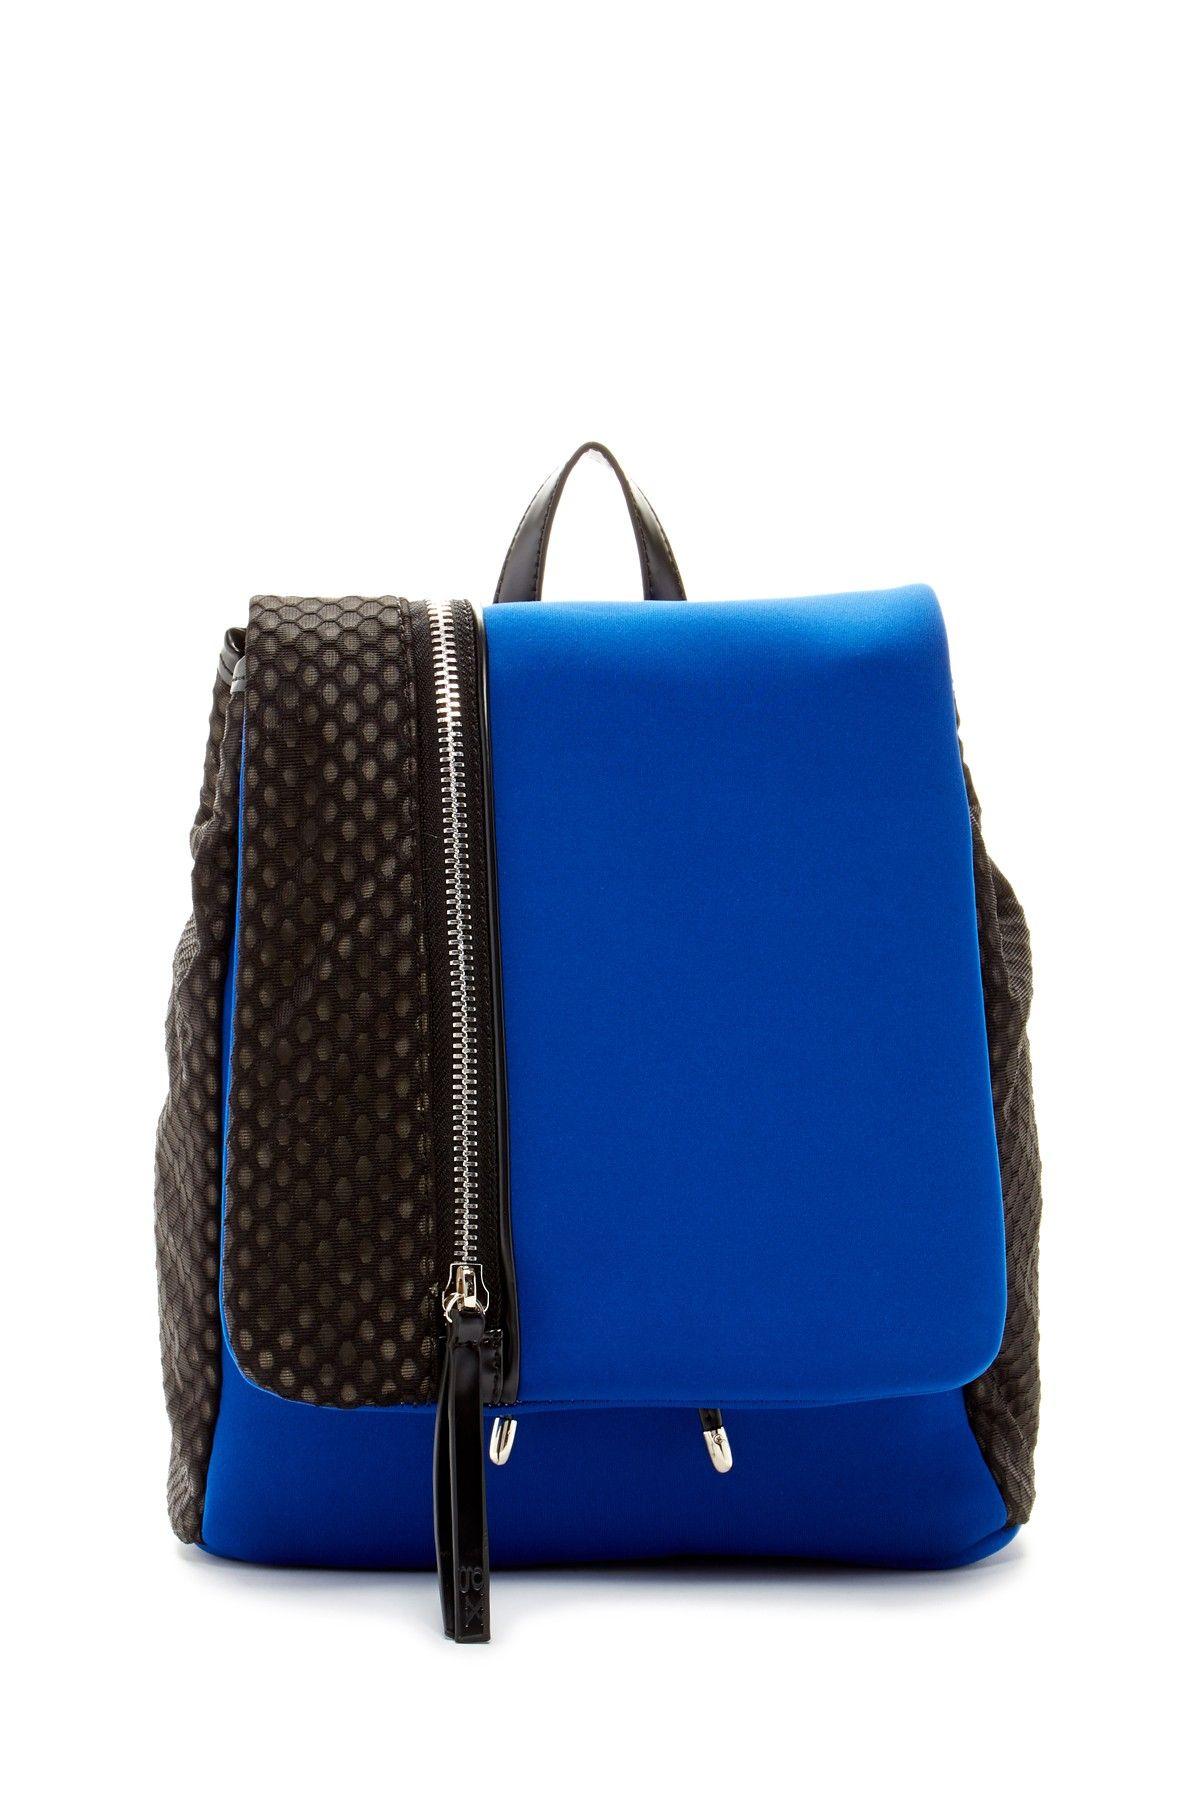 Helga Backpack Gwen Stefaninordstrom